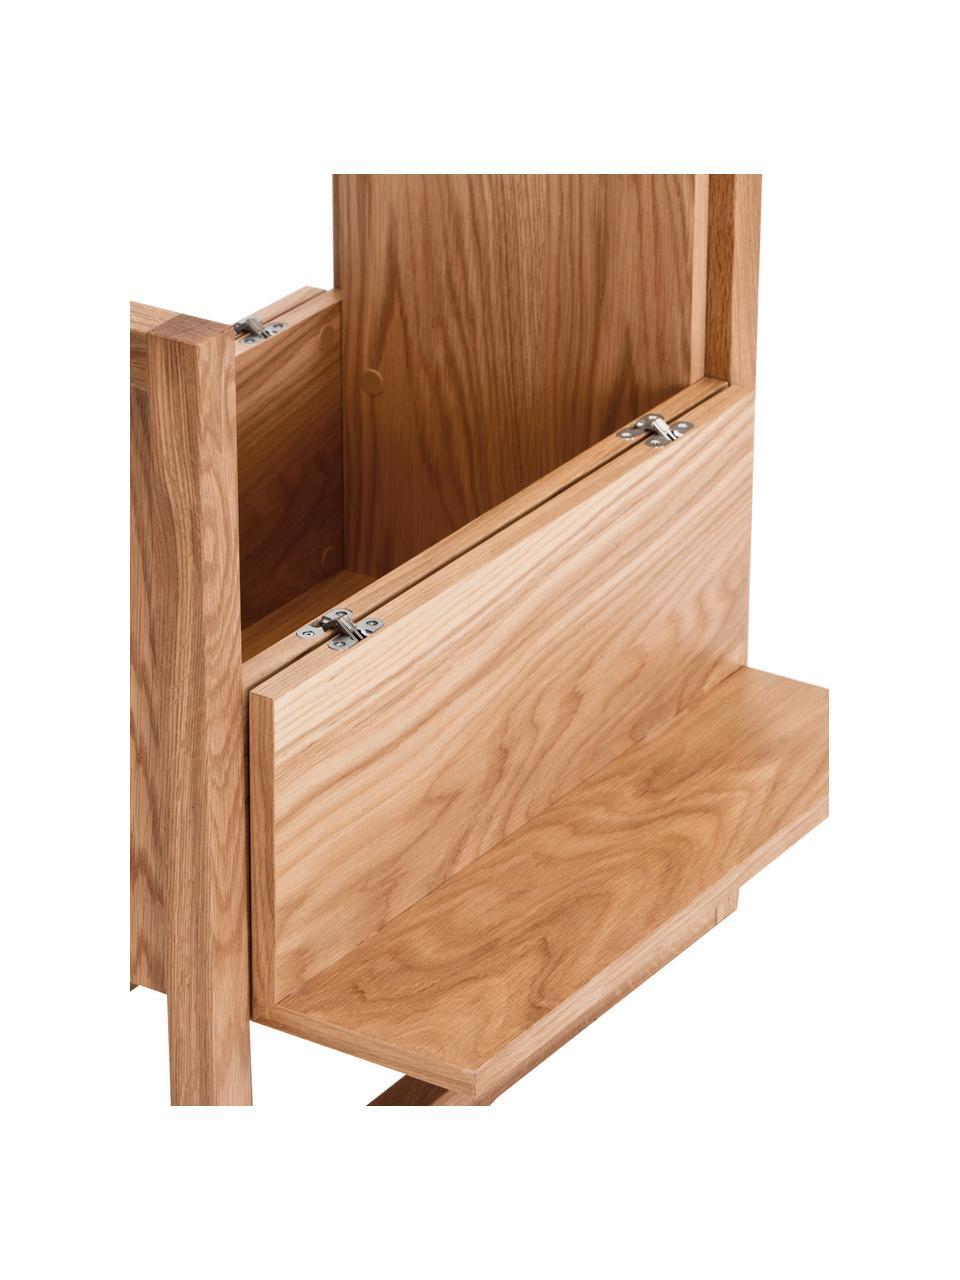 Minibar z drewna dębowego NewEst, Korpus: płyta pilśniowa (MDF) z f, Drewno dębowe, S 59 x W 60 cm